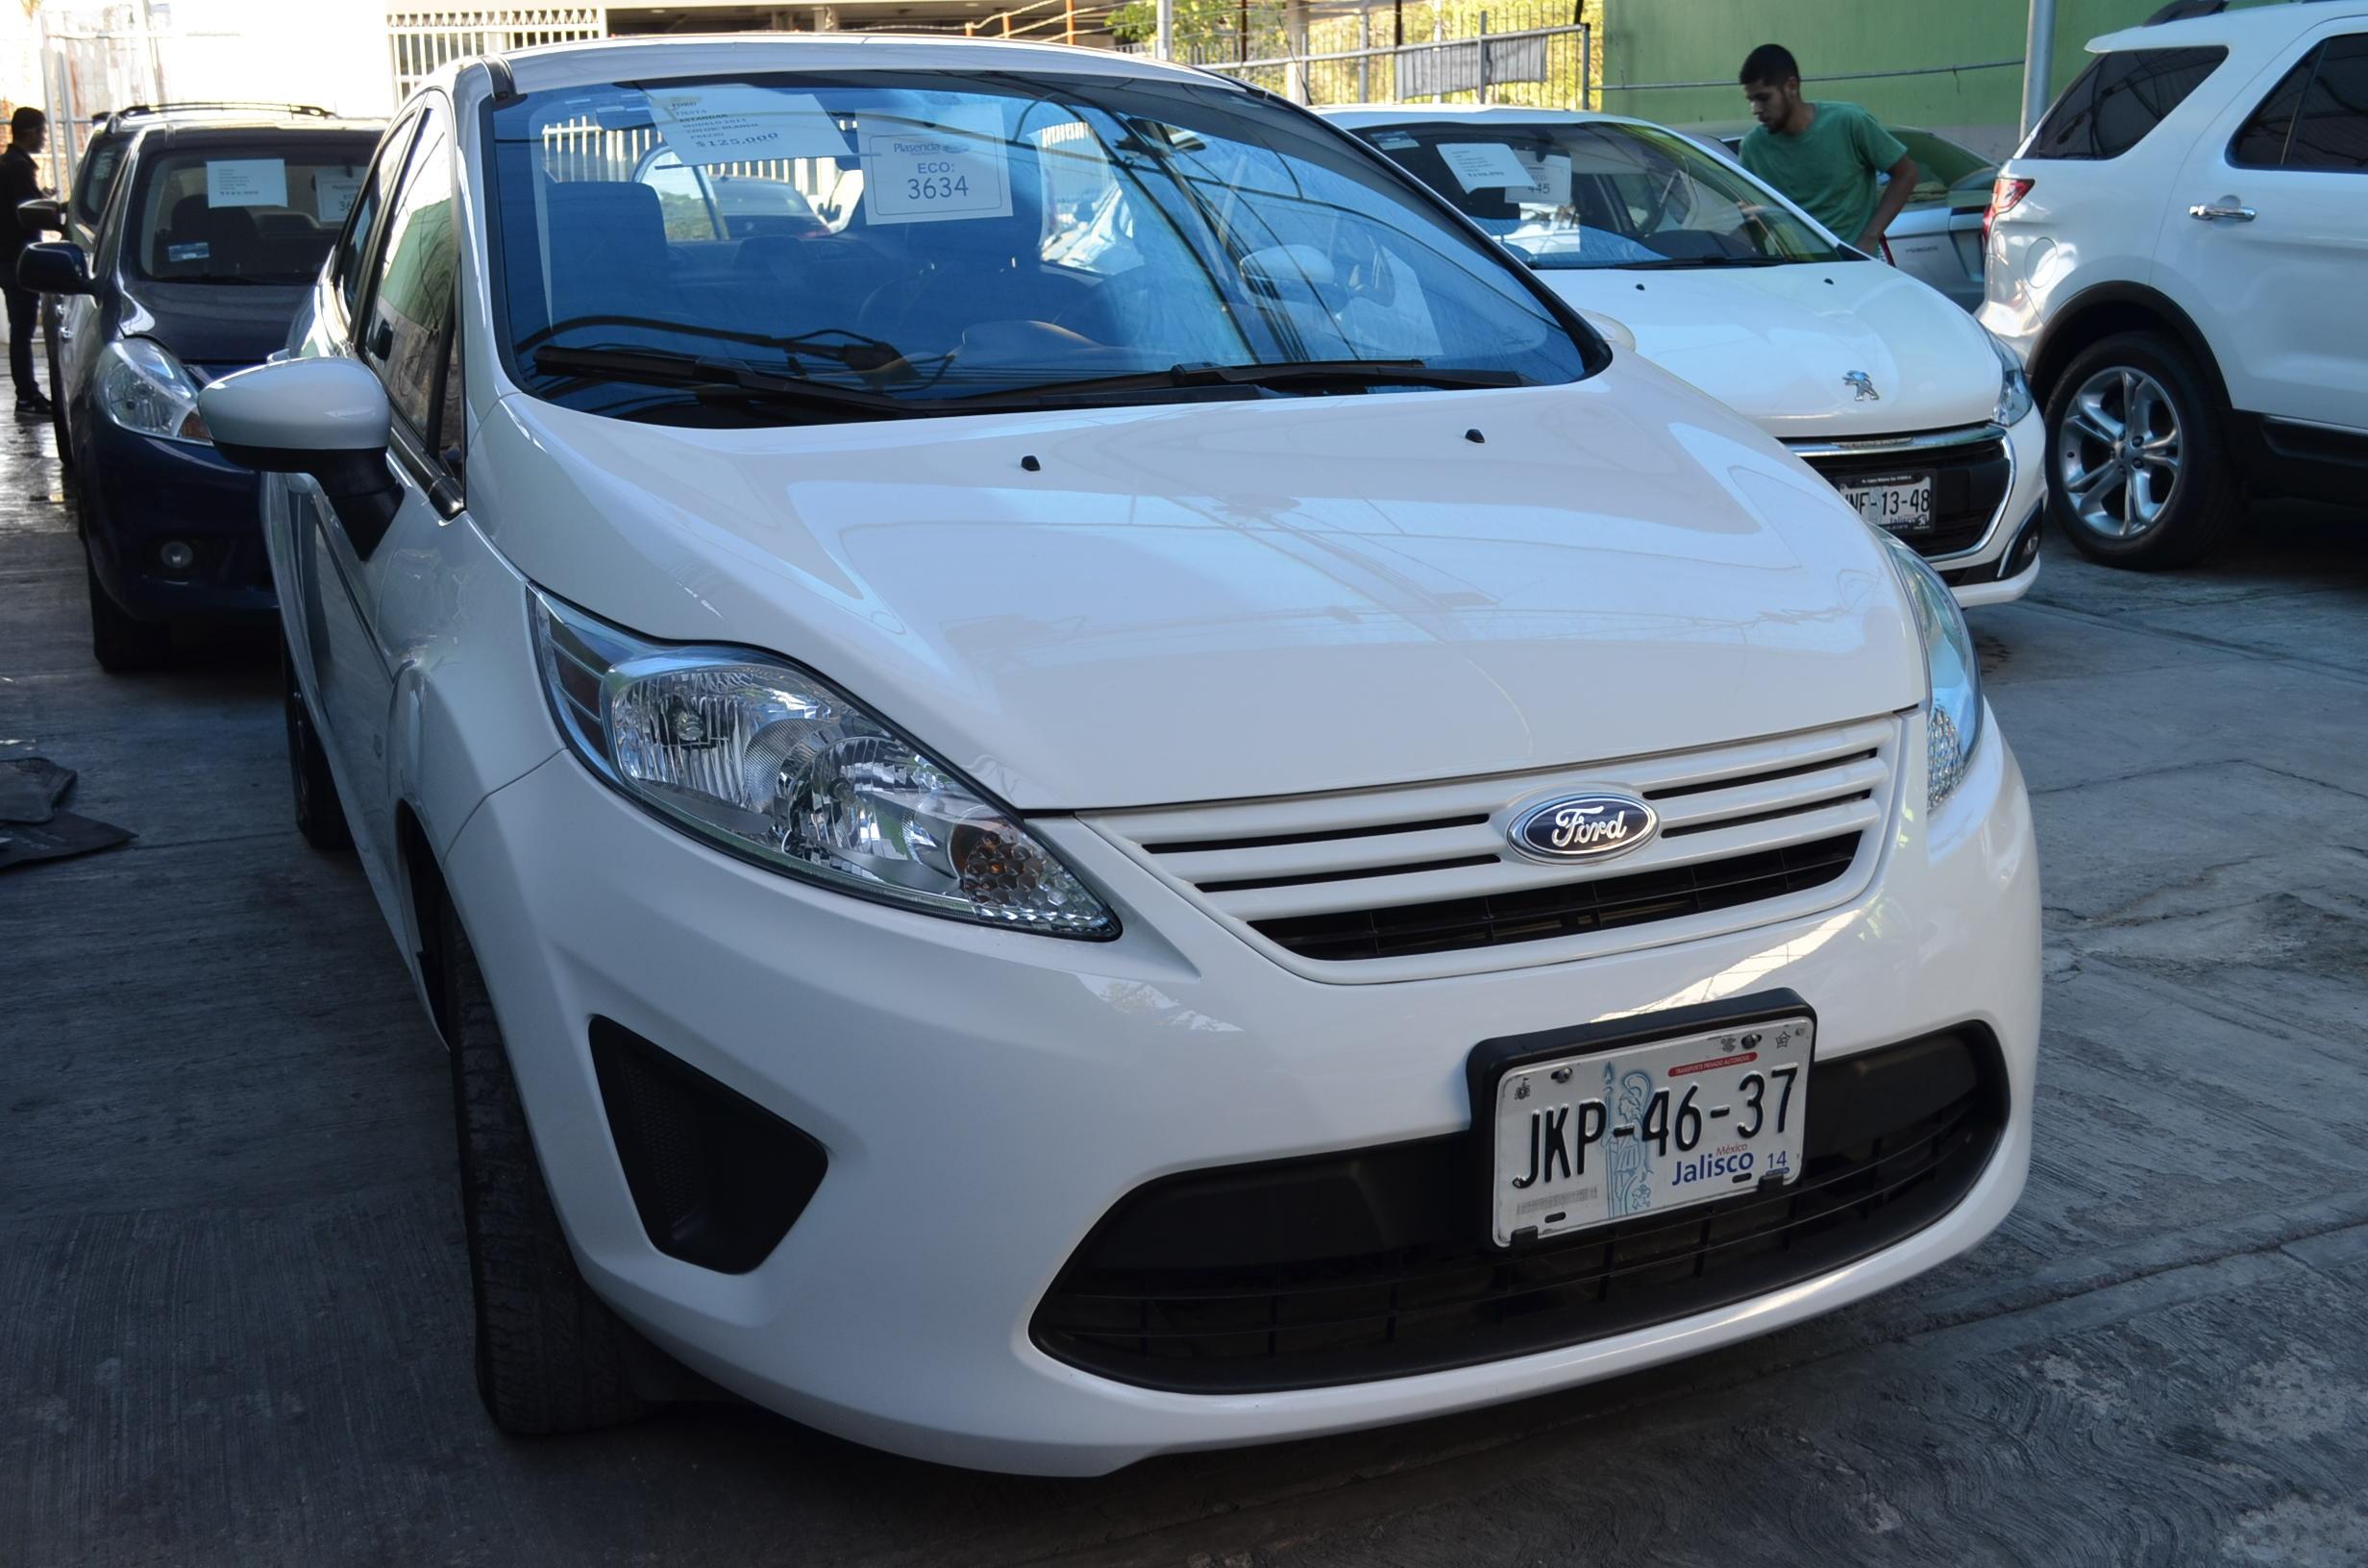 Ford Fiesta Sedán Frente 2